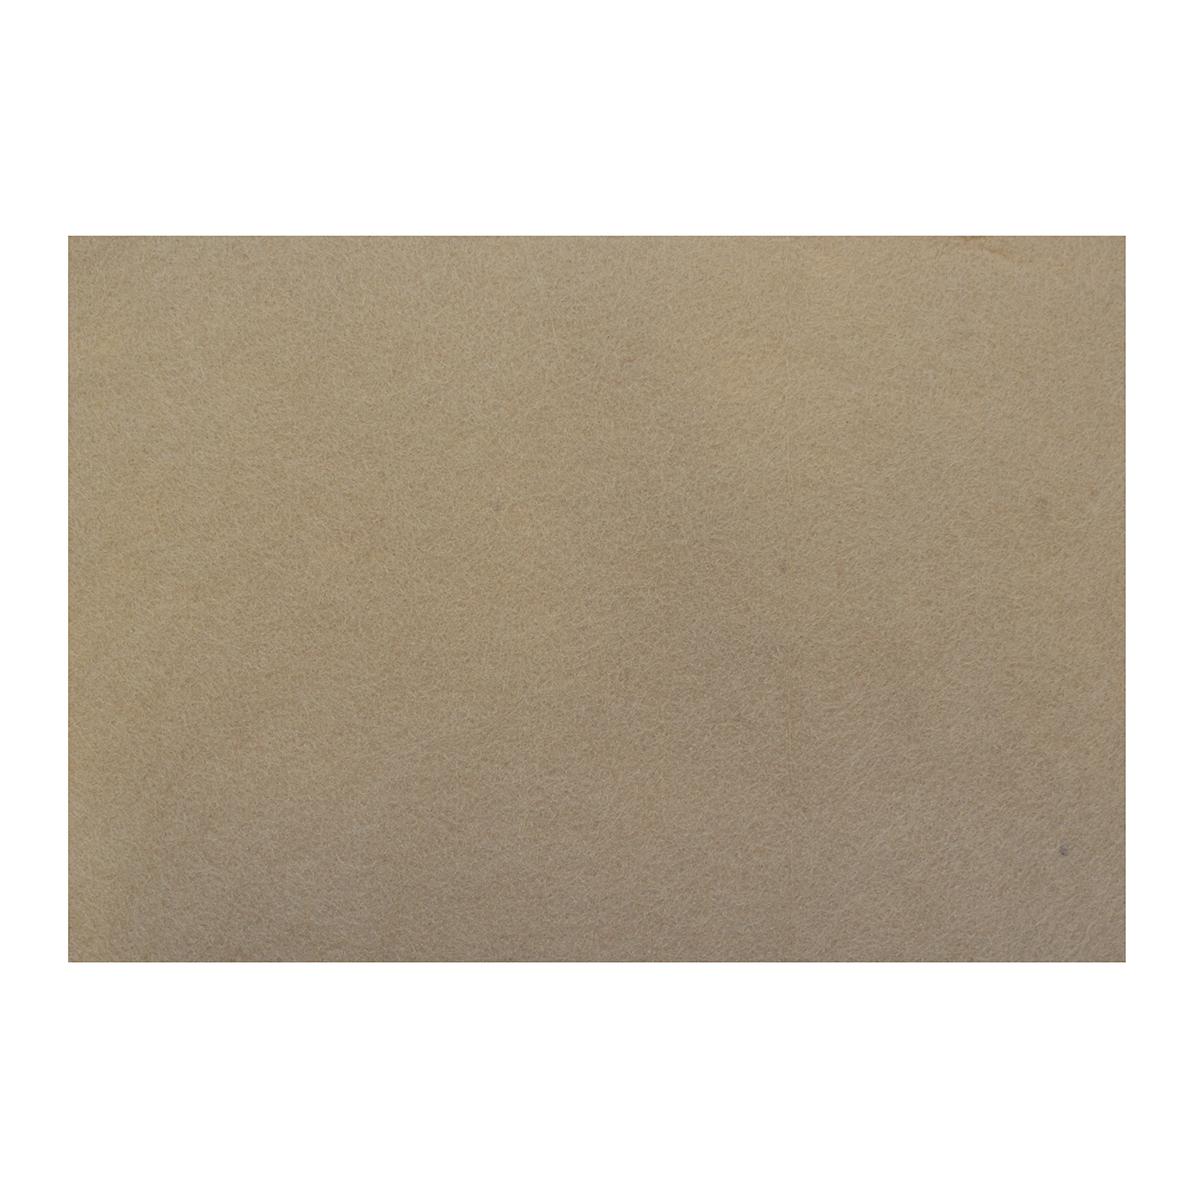 Фетр листовой Астра, цвет: бежевый, 20 х 30 см, 10 шт7708618_YF 641 бежевыйФетр декоративный Астра очень приятен в работе: не сыпется, хорошо клеится, режется и сгибается в любых направлениях. Фетр отлично сочетается с предметами в технике фильцевания.Из фетра получаются чудеснейшие украшения (броши, подвески и так далее), обложки для книг, блокнотов и документов, картины, интересные детали дляинтерьера и прочее.Размер одного листа: 200 x 300 мм.